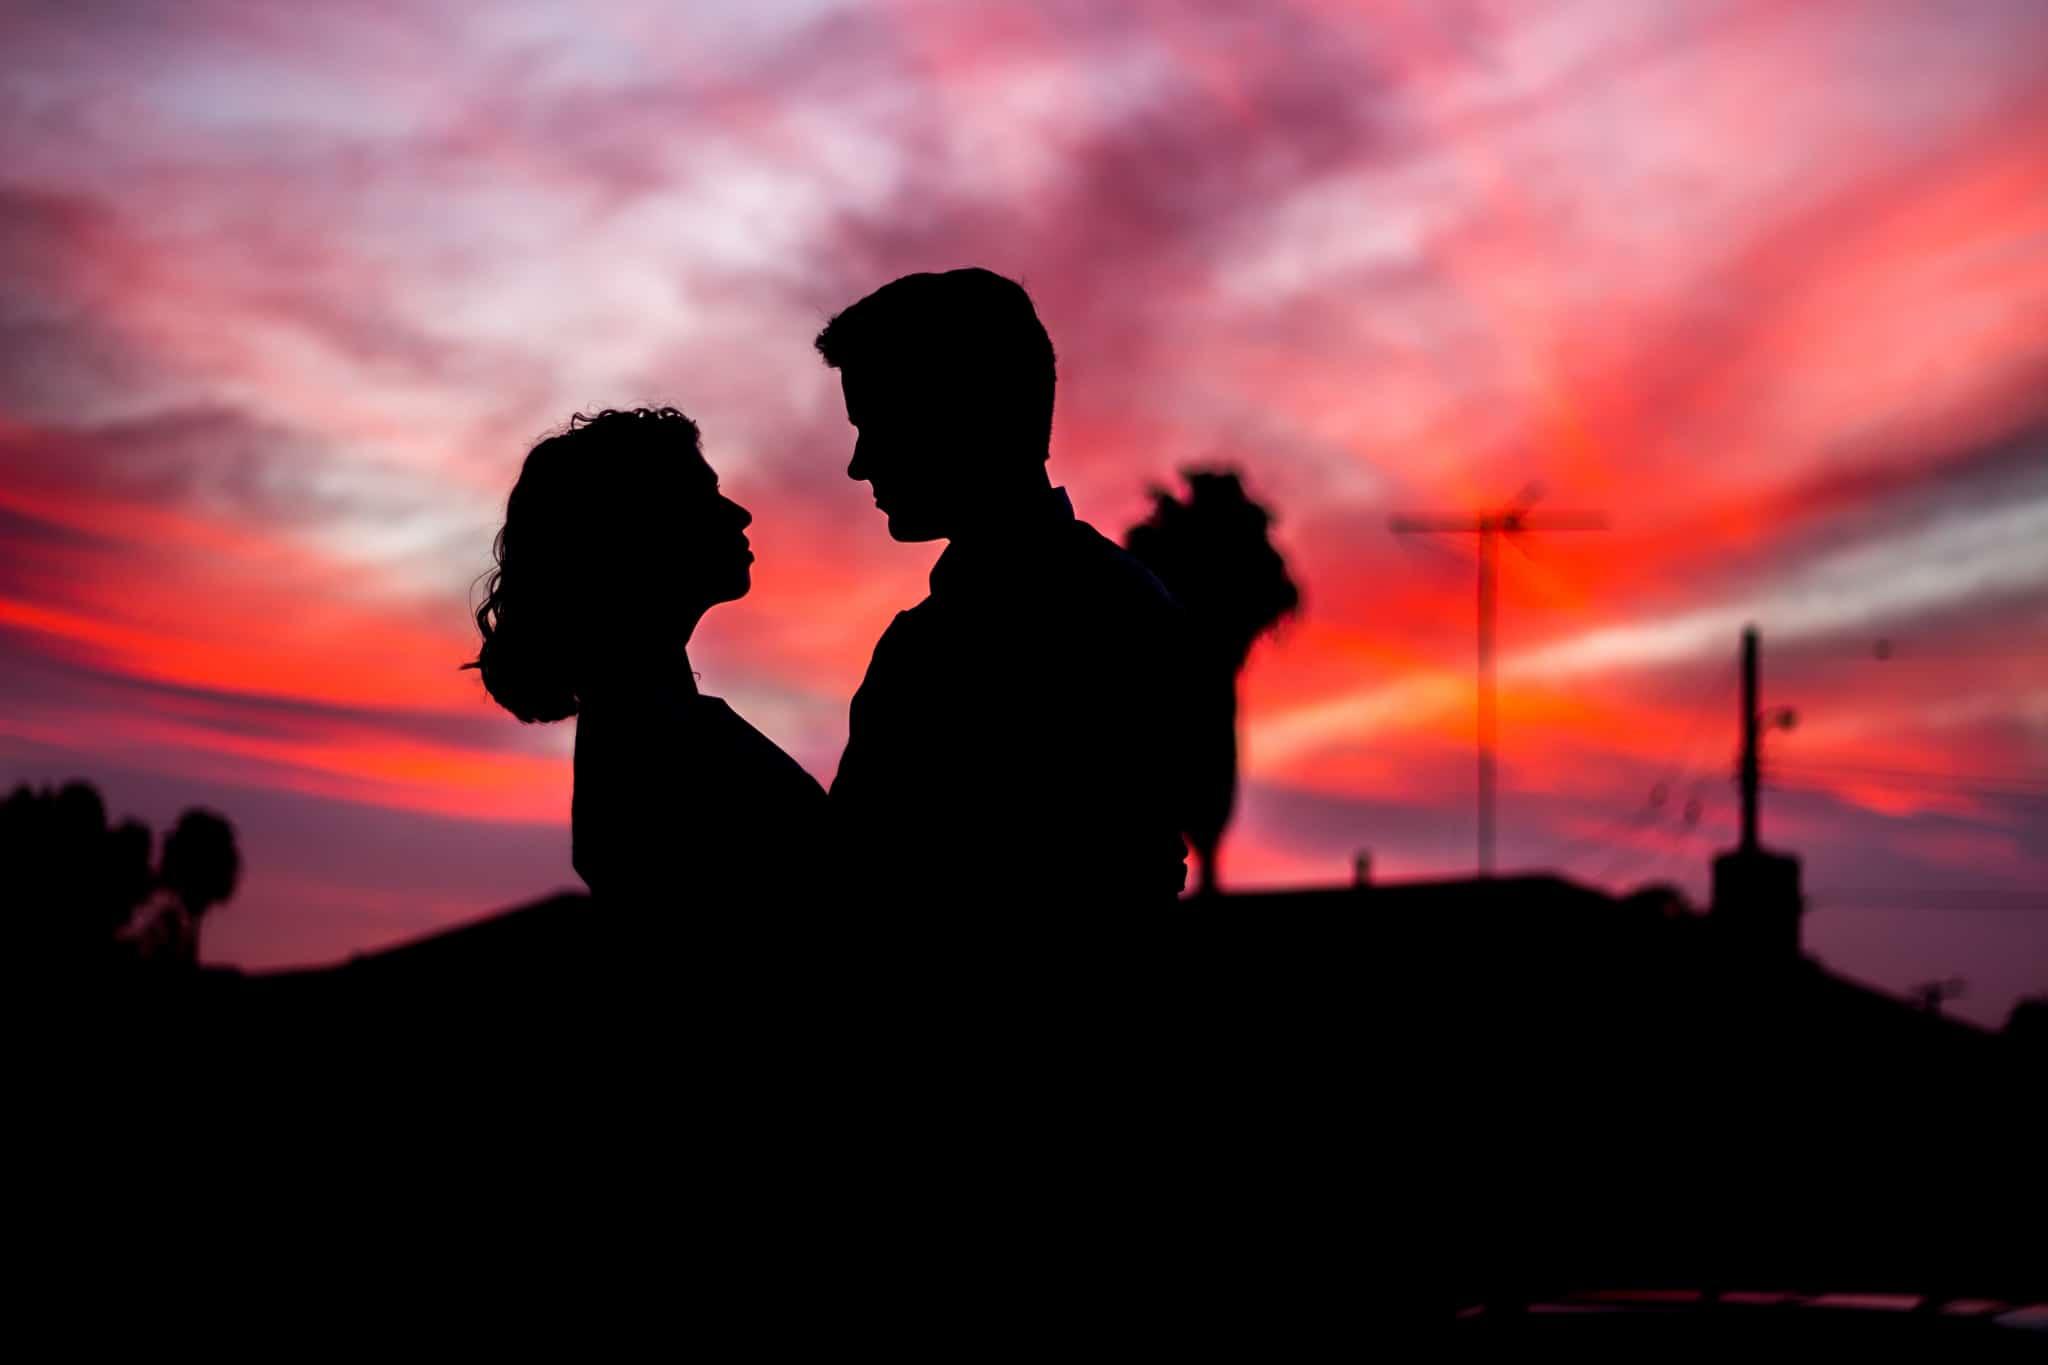 Párkapcsolati teszt: Mennyi ideig maradtok együtt?